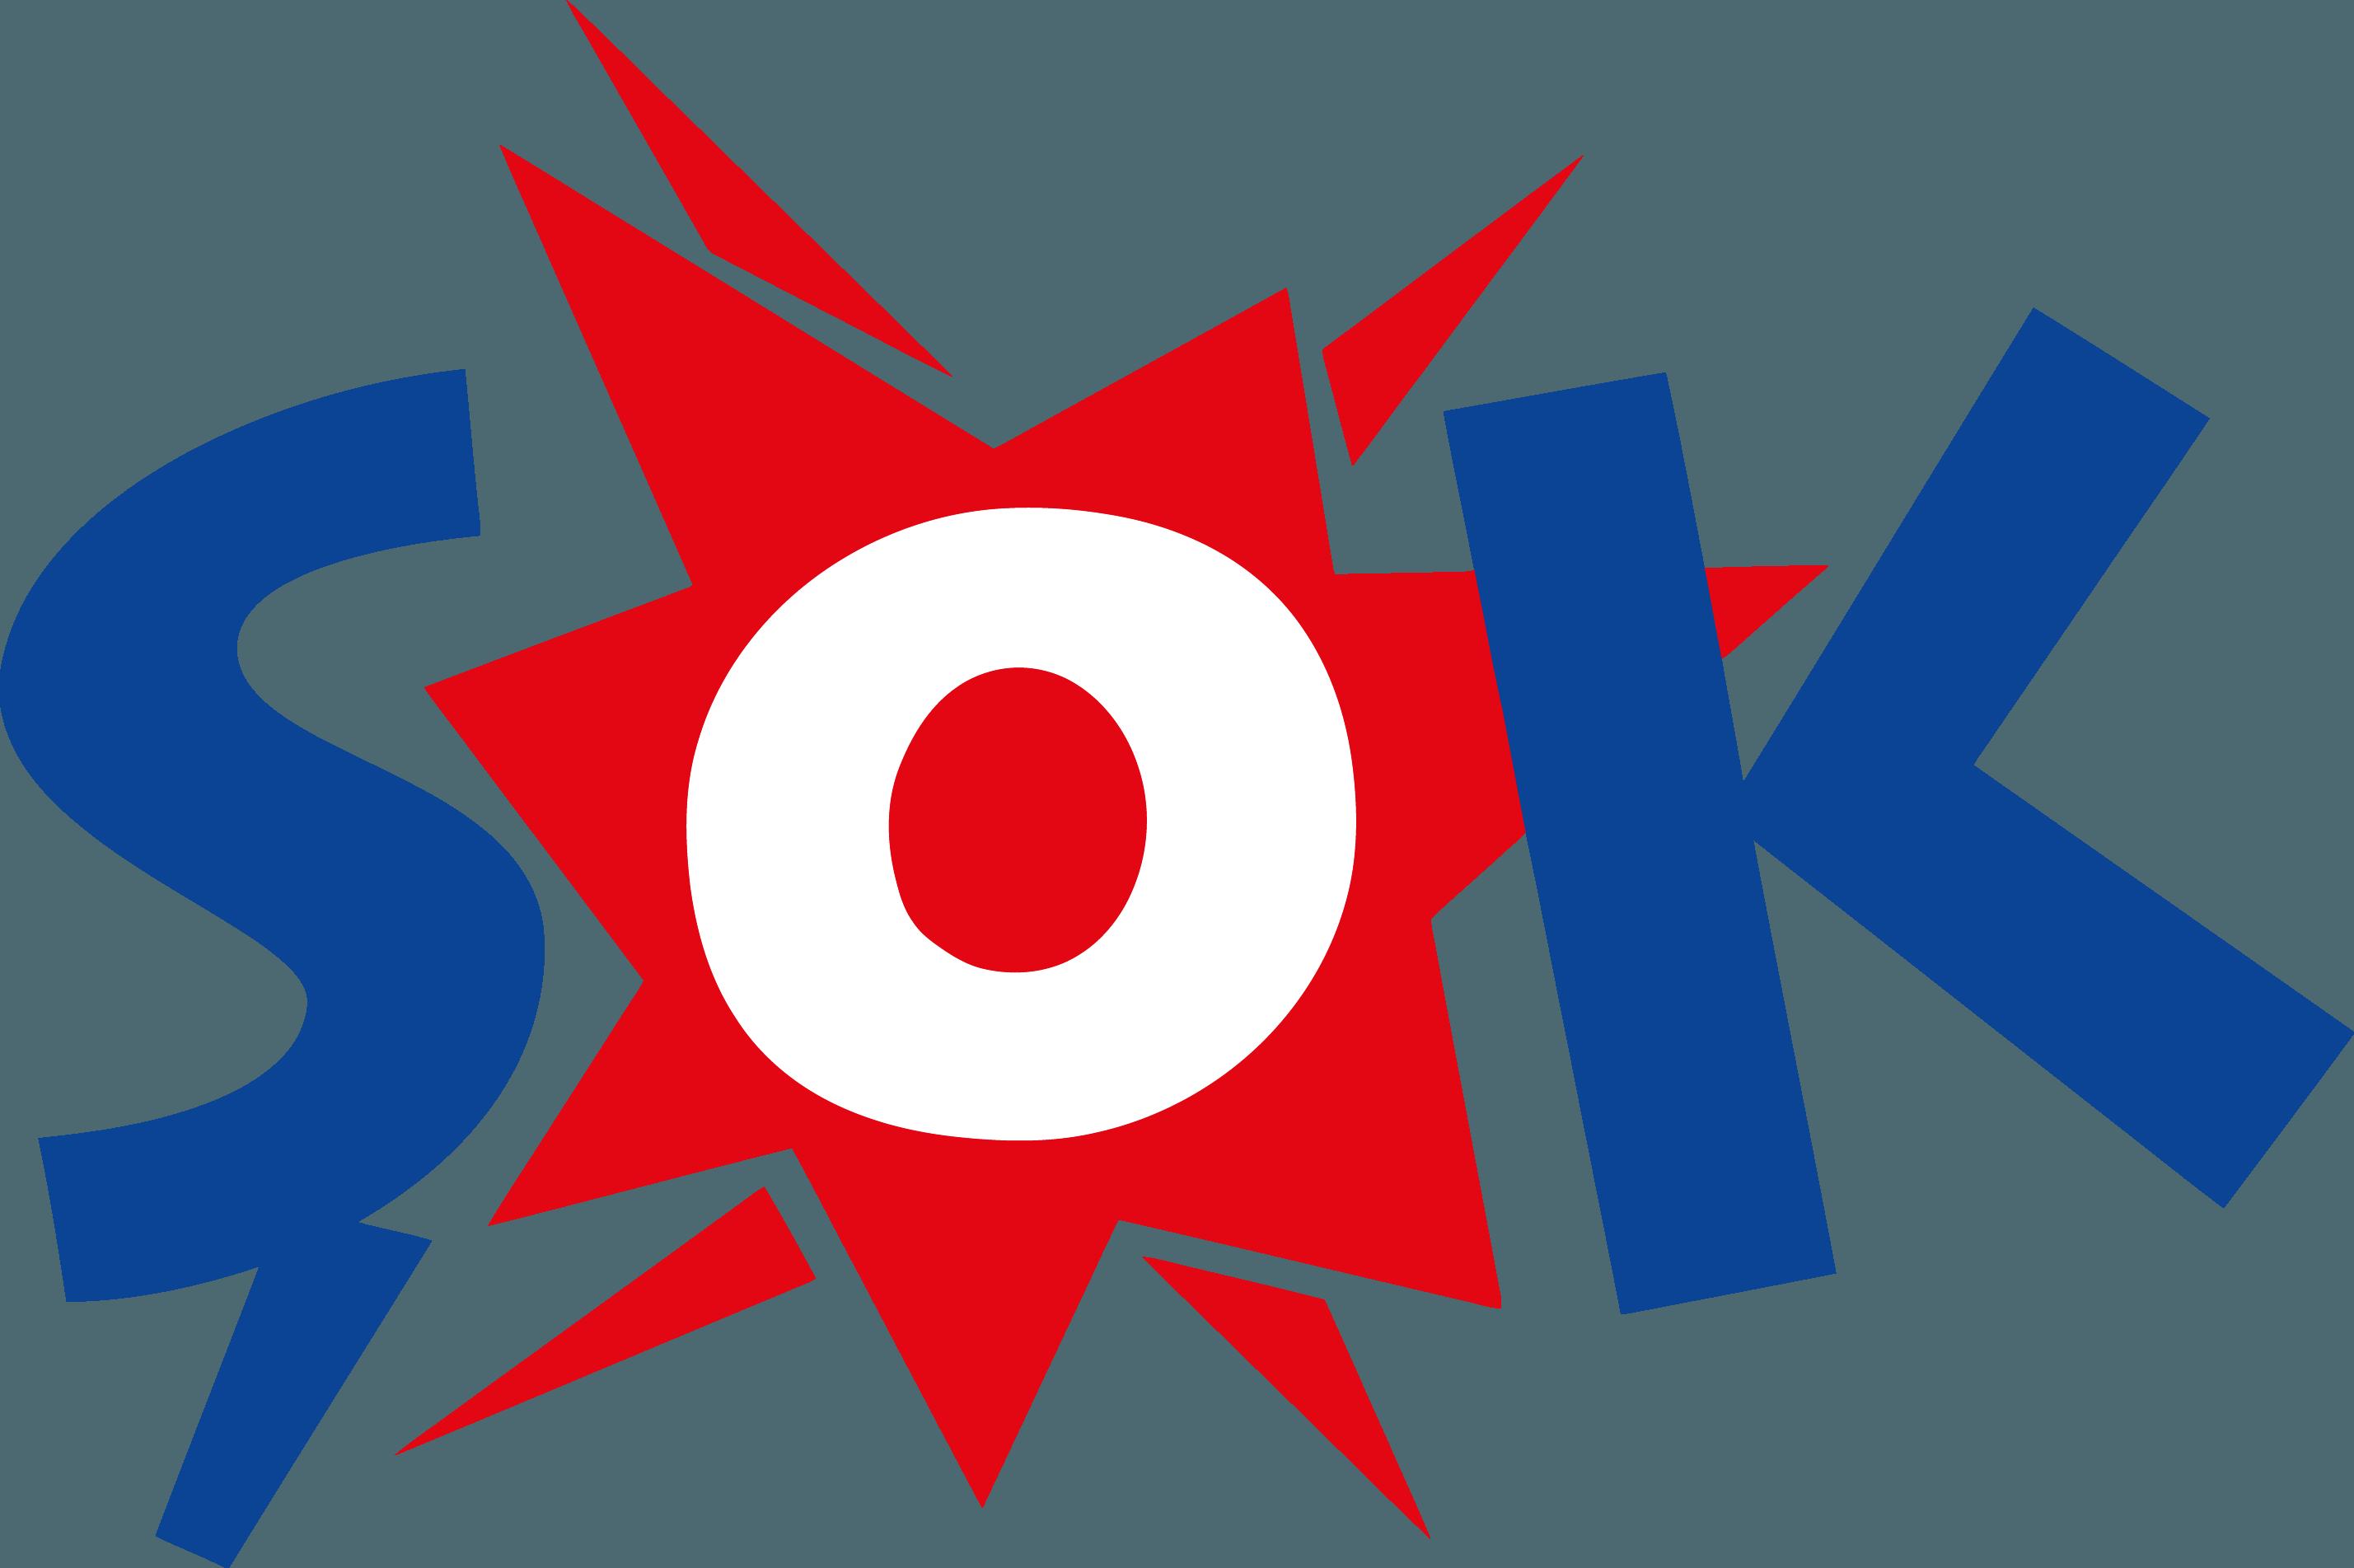 Şok Market Logo [sokmarket.com.tr] png